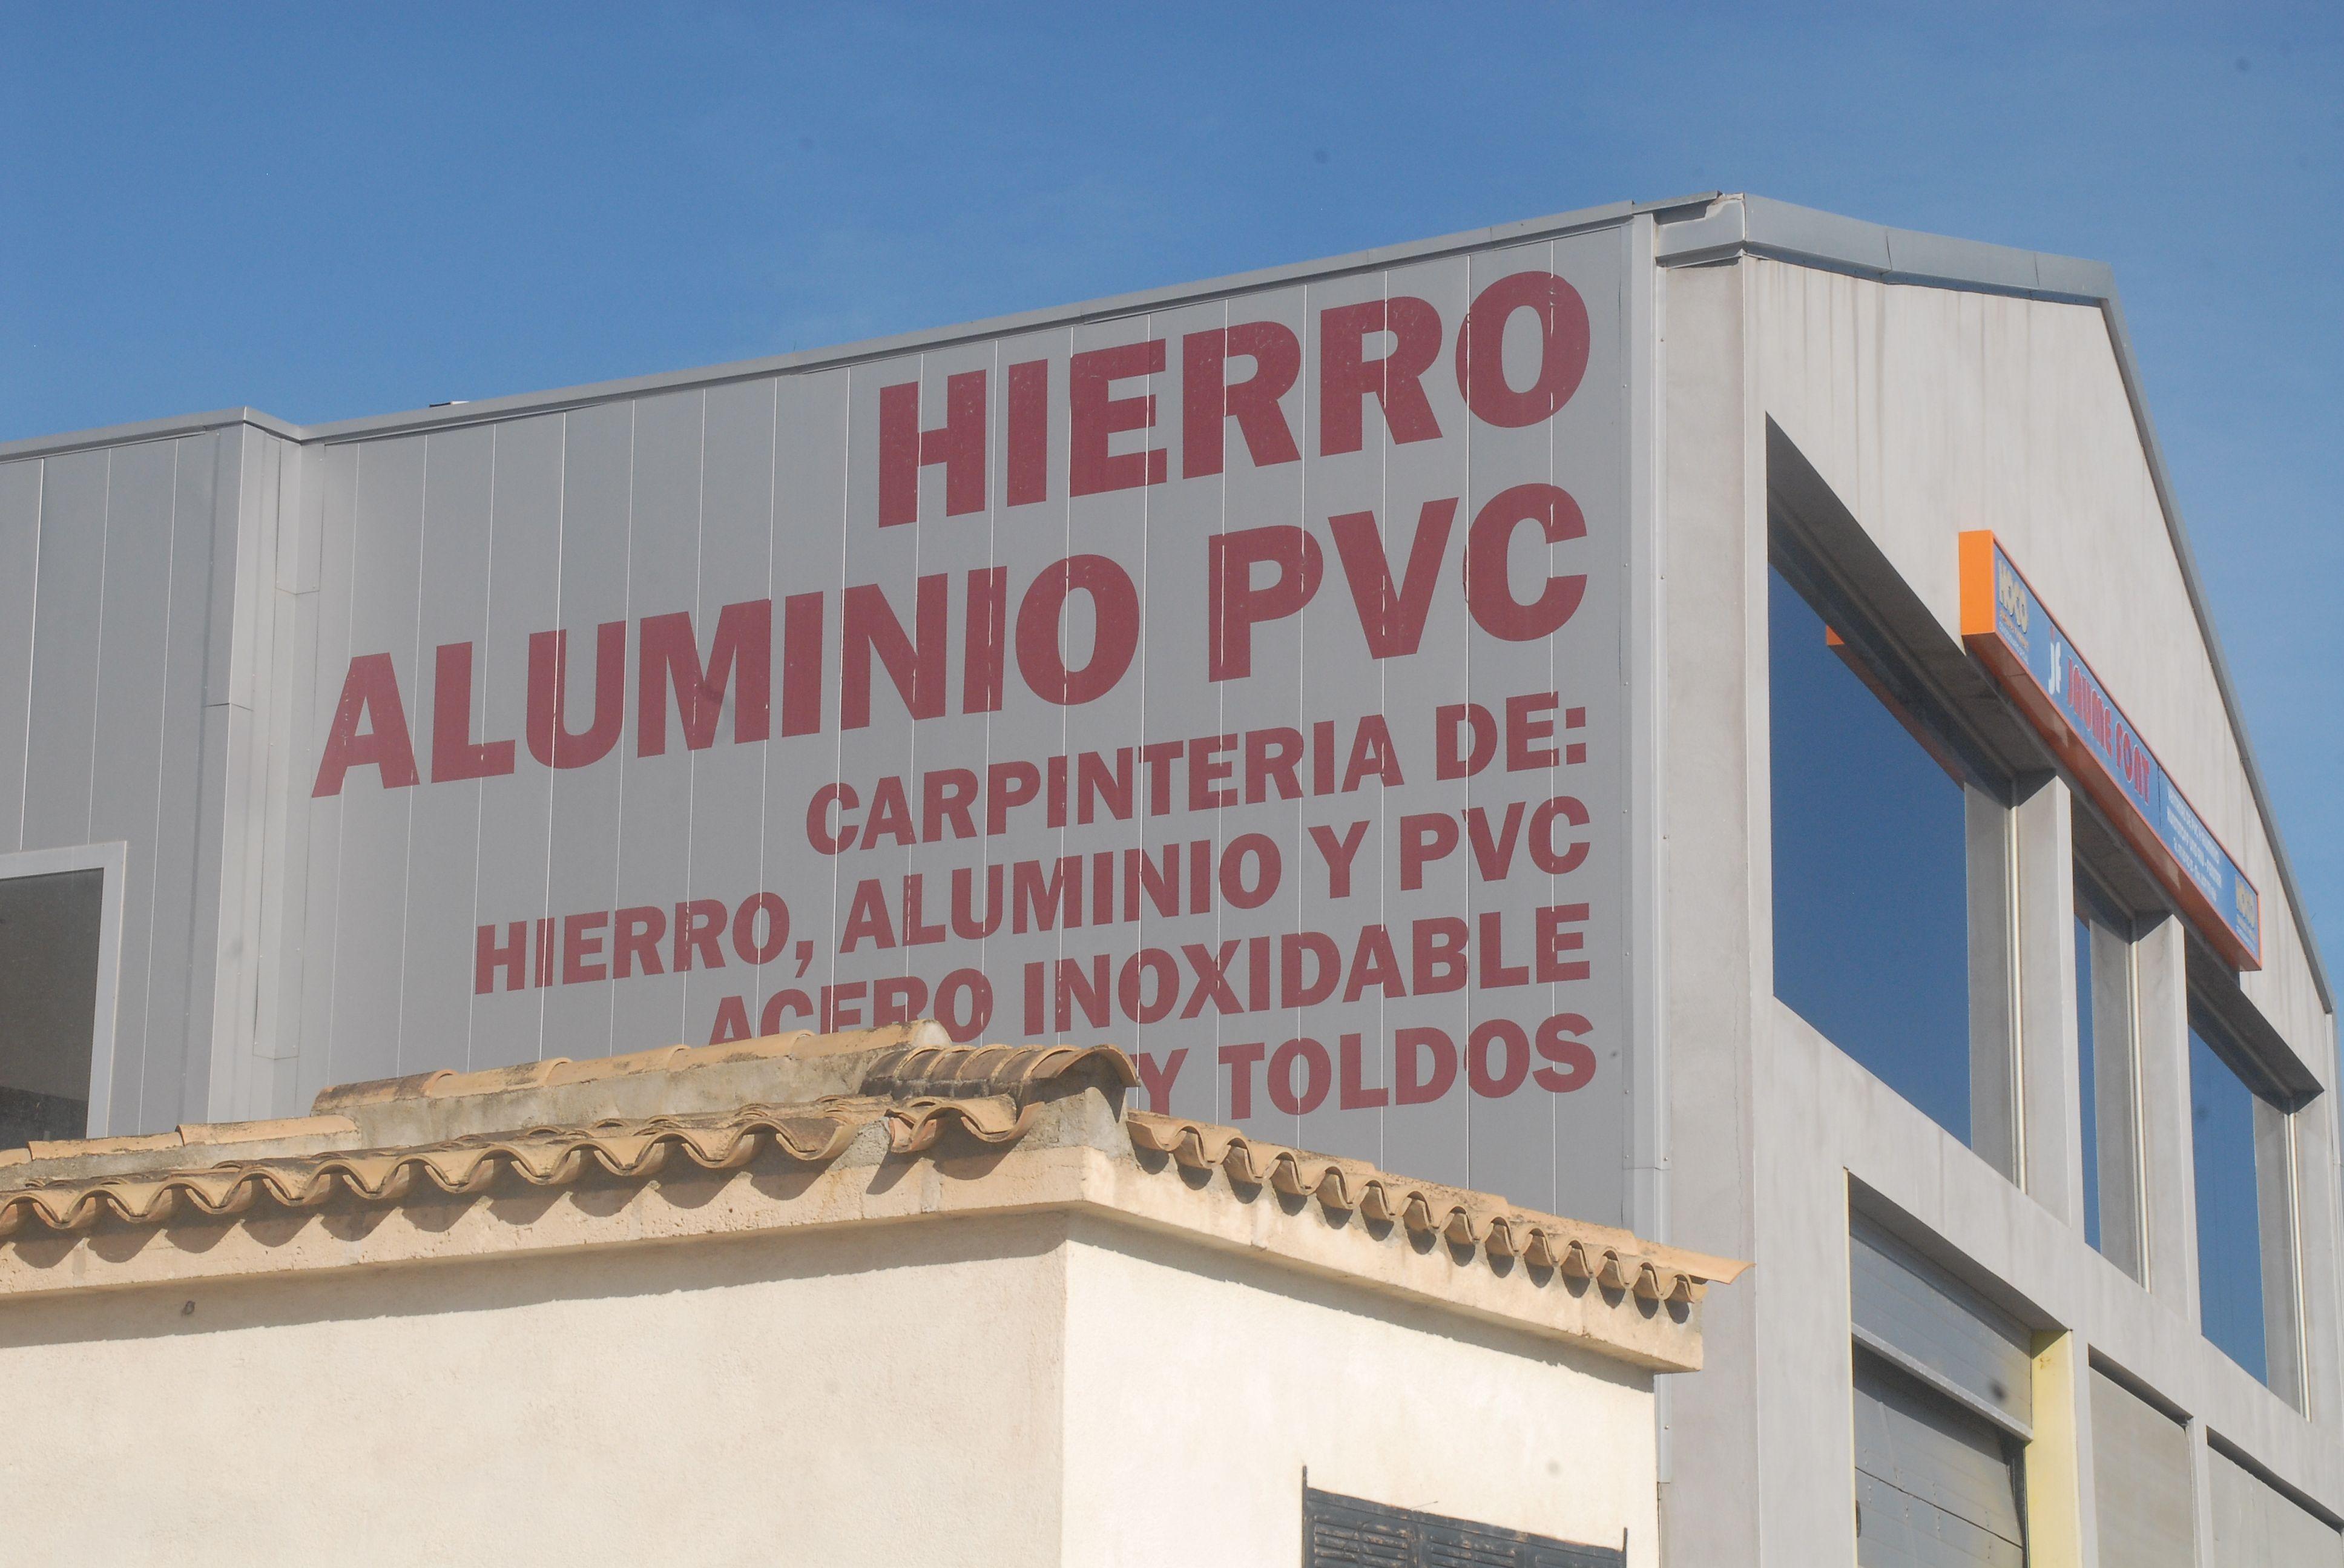 Carpintería de hierro, aluminio y PVC en Mallorca